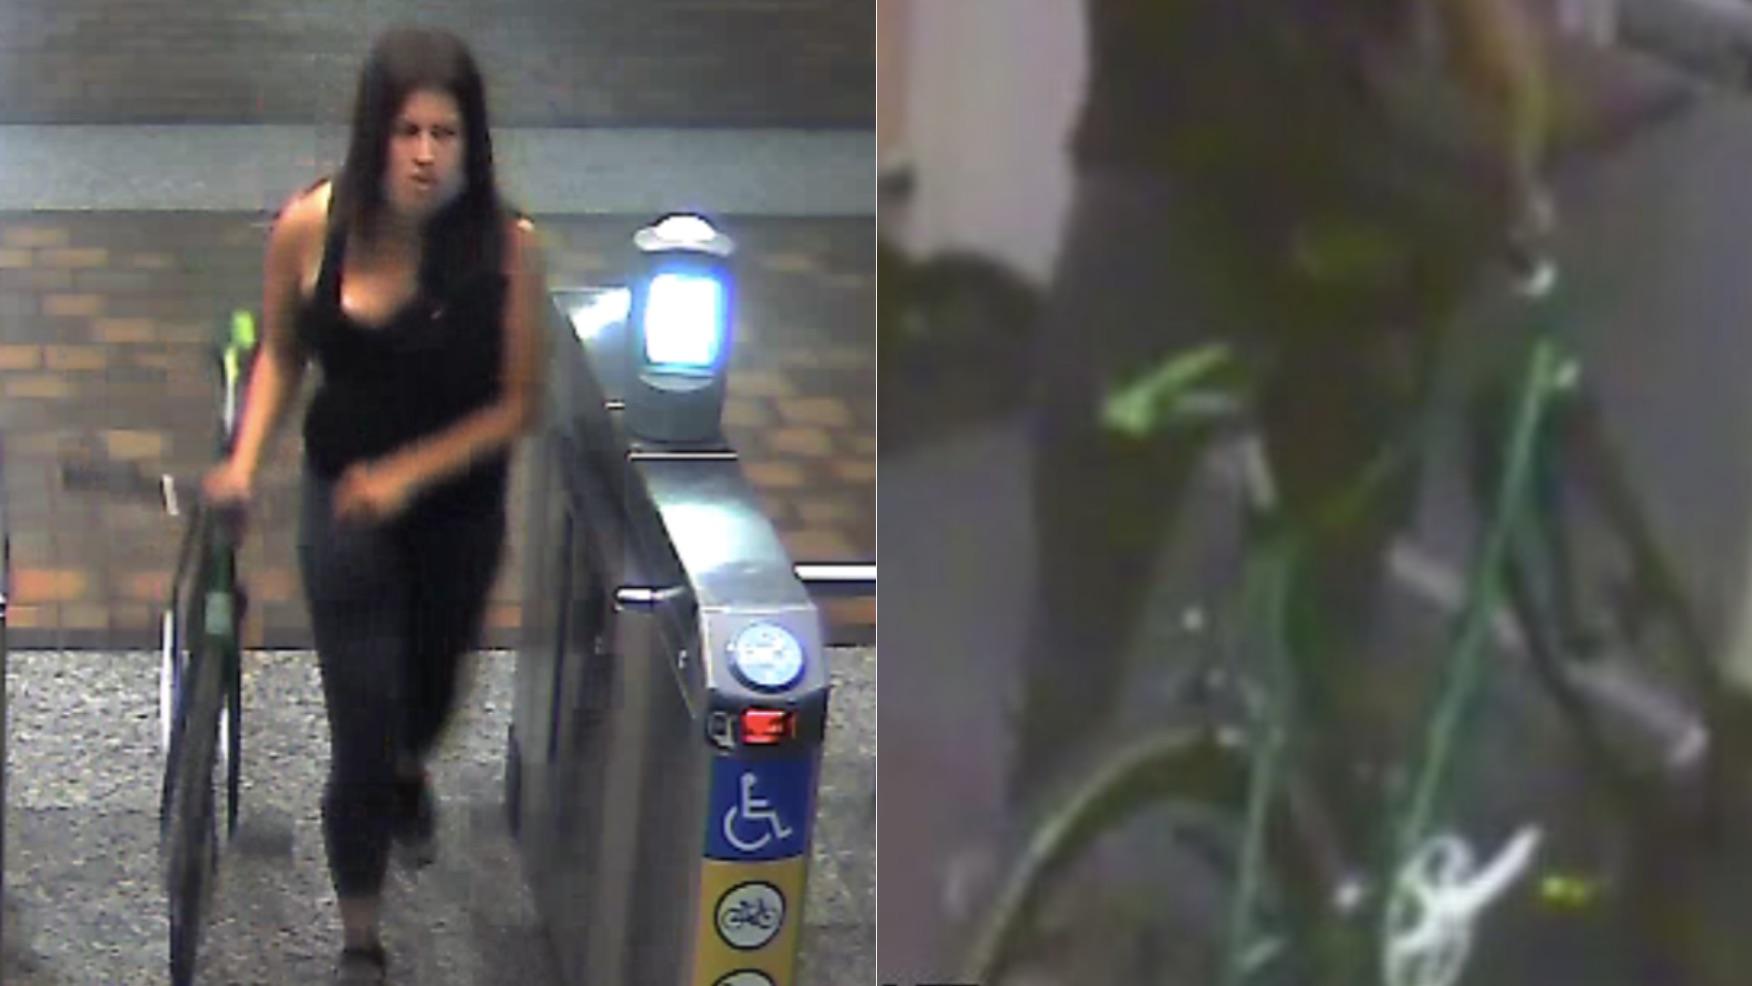 女子隨身攜帶武器,洛杉磯市中心地鐵站殺害運輸局工作人員。KTLA5 圖